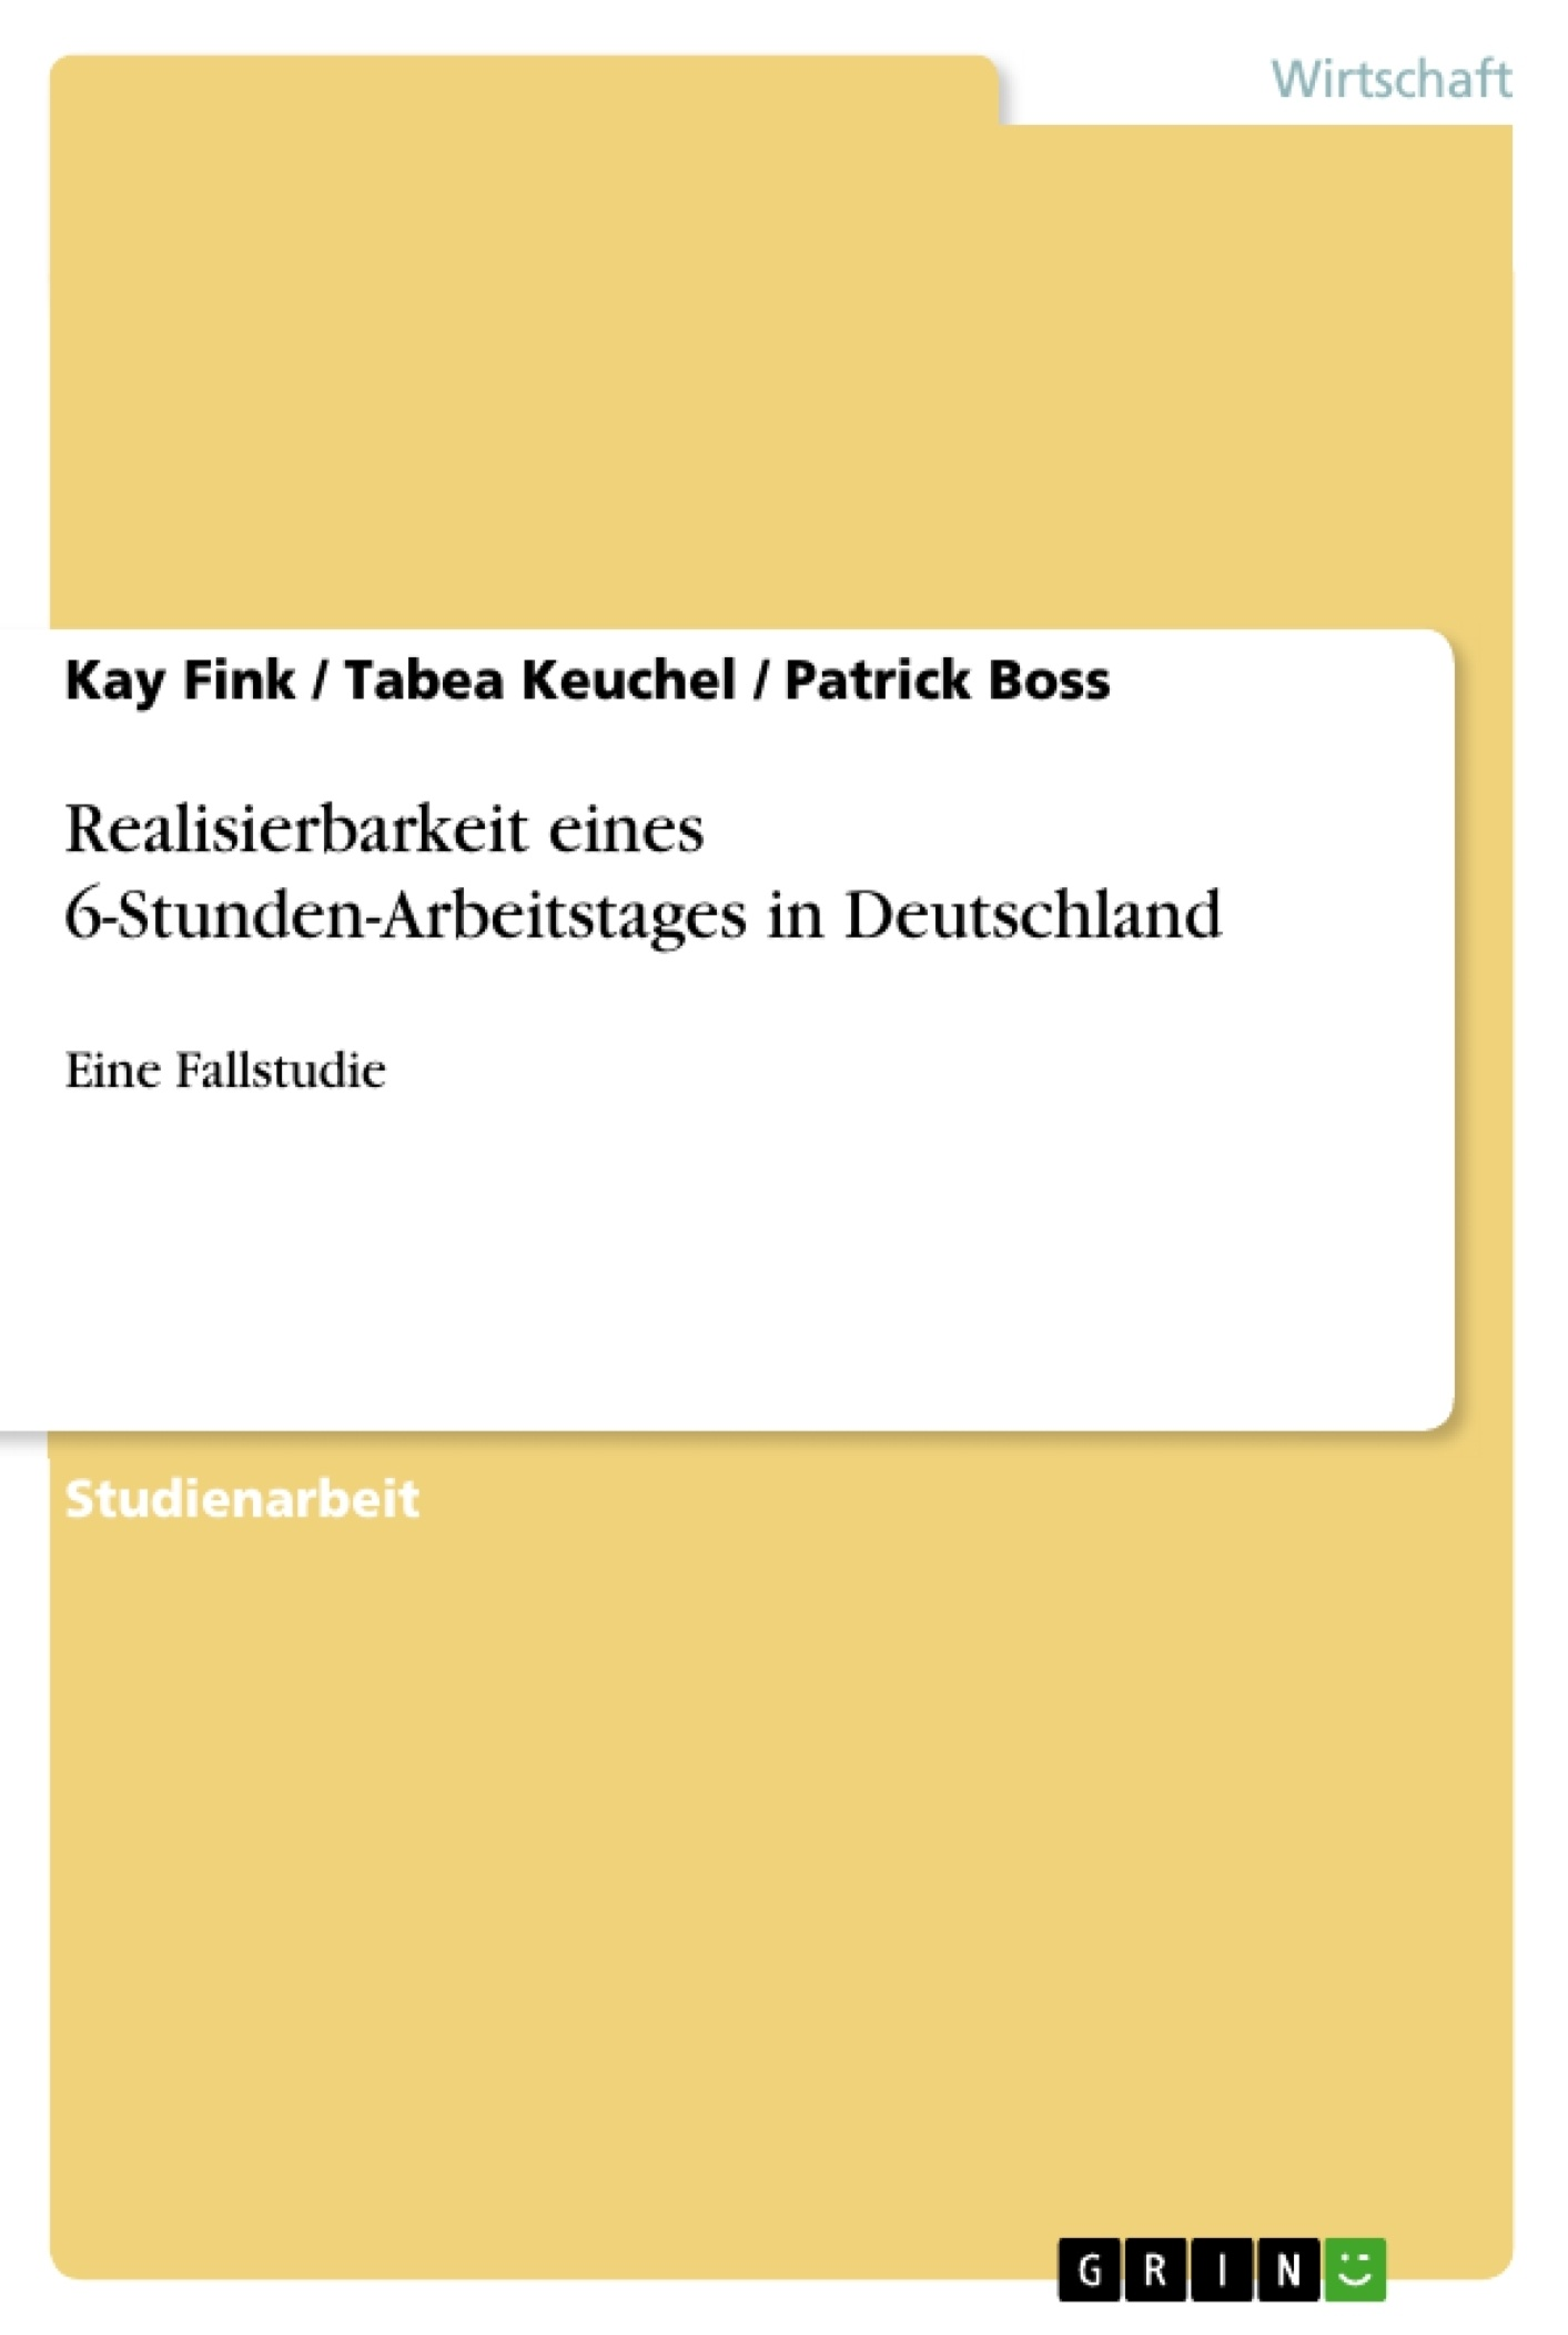 Titel: Realisierbarkeit eines 6-Stunden-Arbeitstages in Deutschland